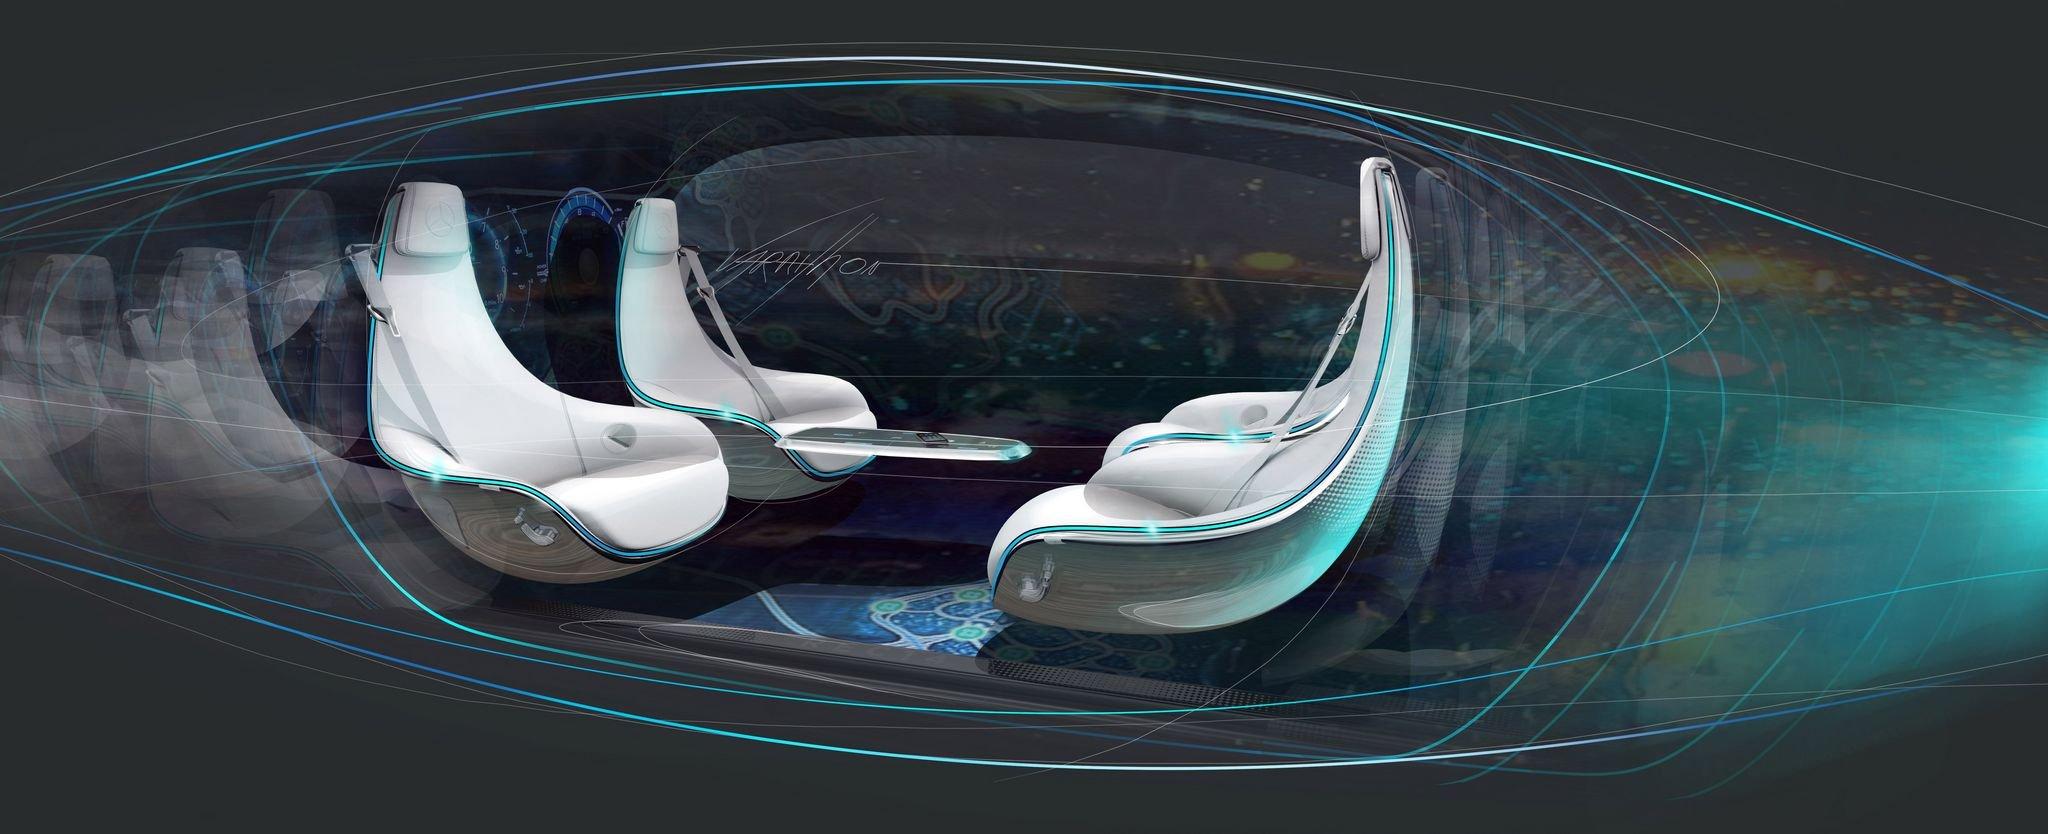 Im Auto der Zukunft von Daimler sind die Sitze frei drehbar, so dass man sich besser unterhalten kann, wenn das Auto selbstständig fährt.